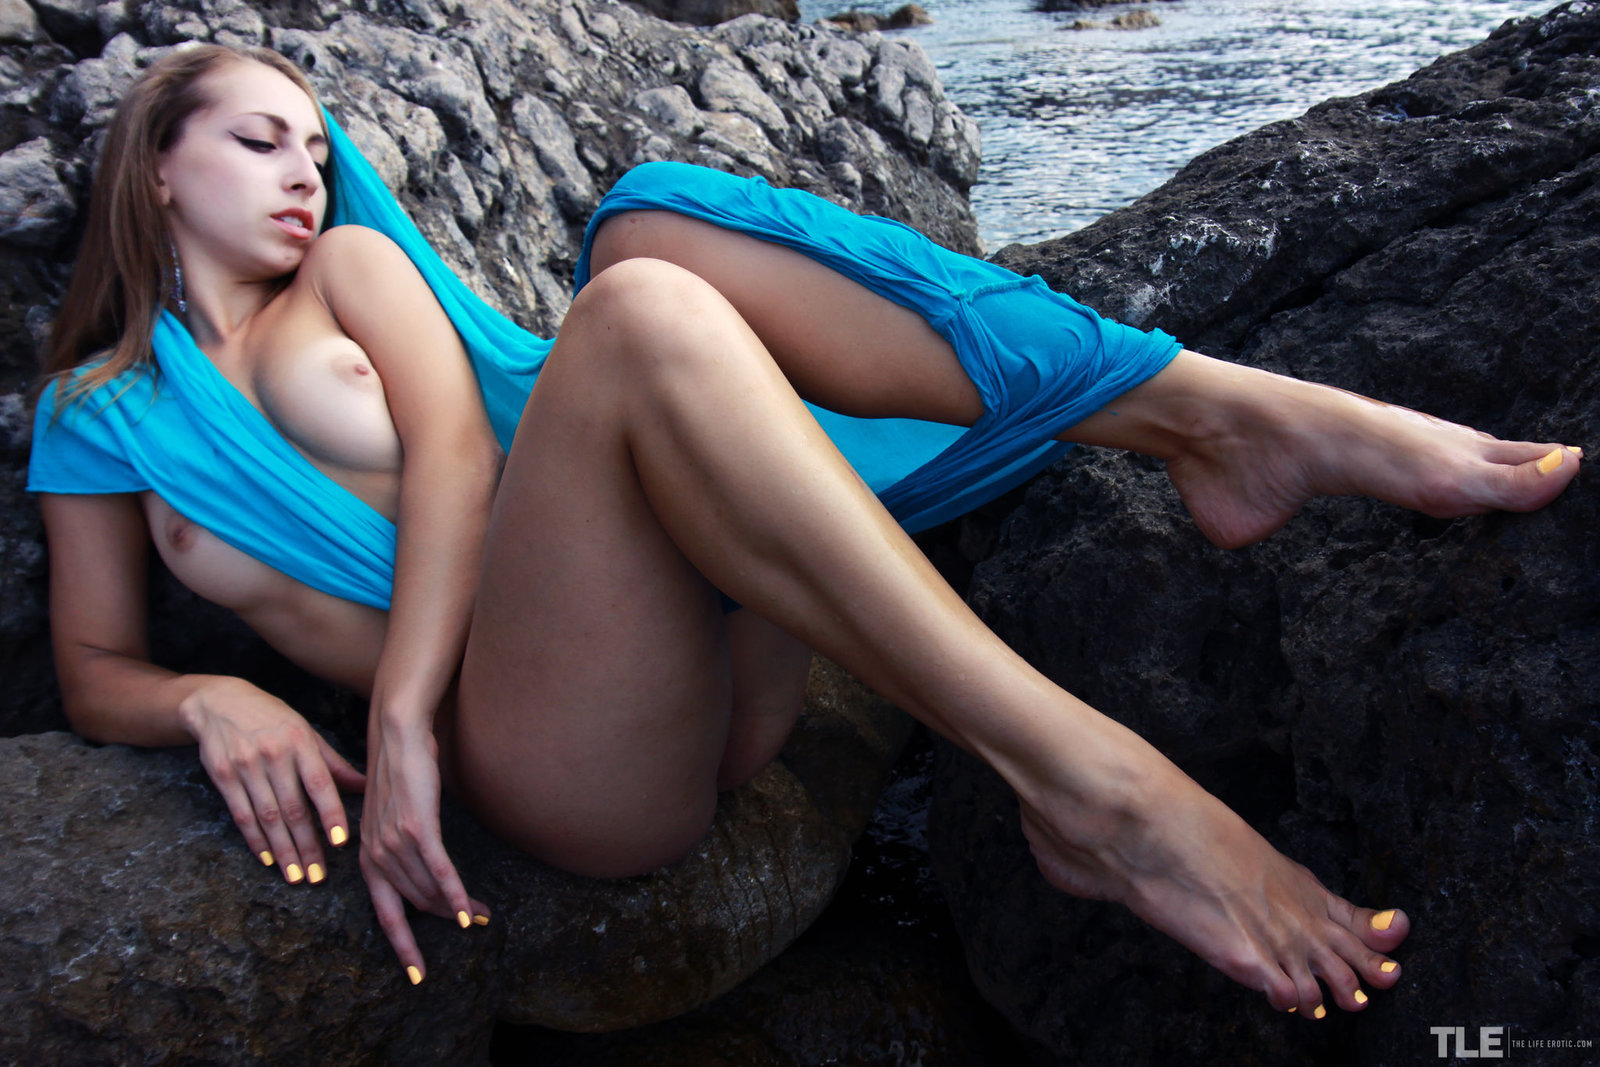 Zdjęcie porno - 048 - Ślicznotka z niewielkimi piersiami